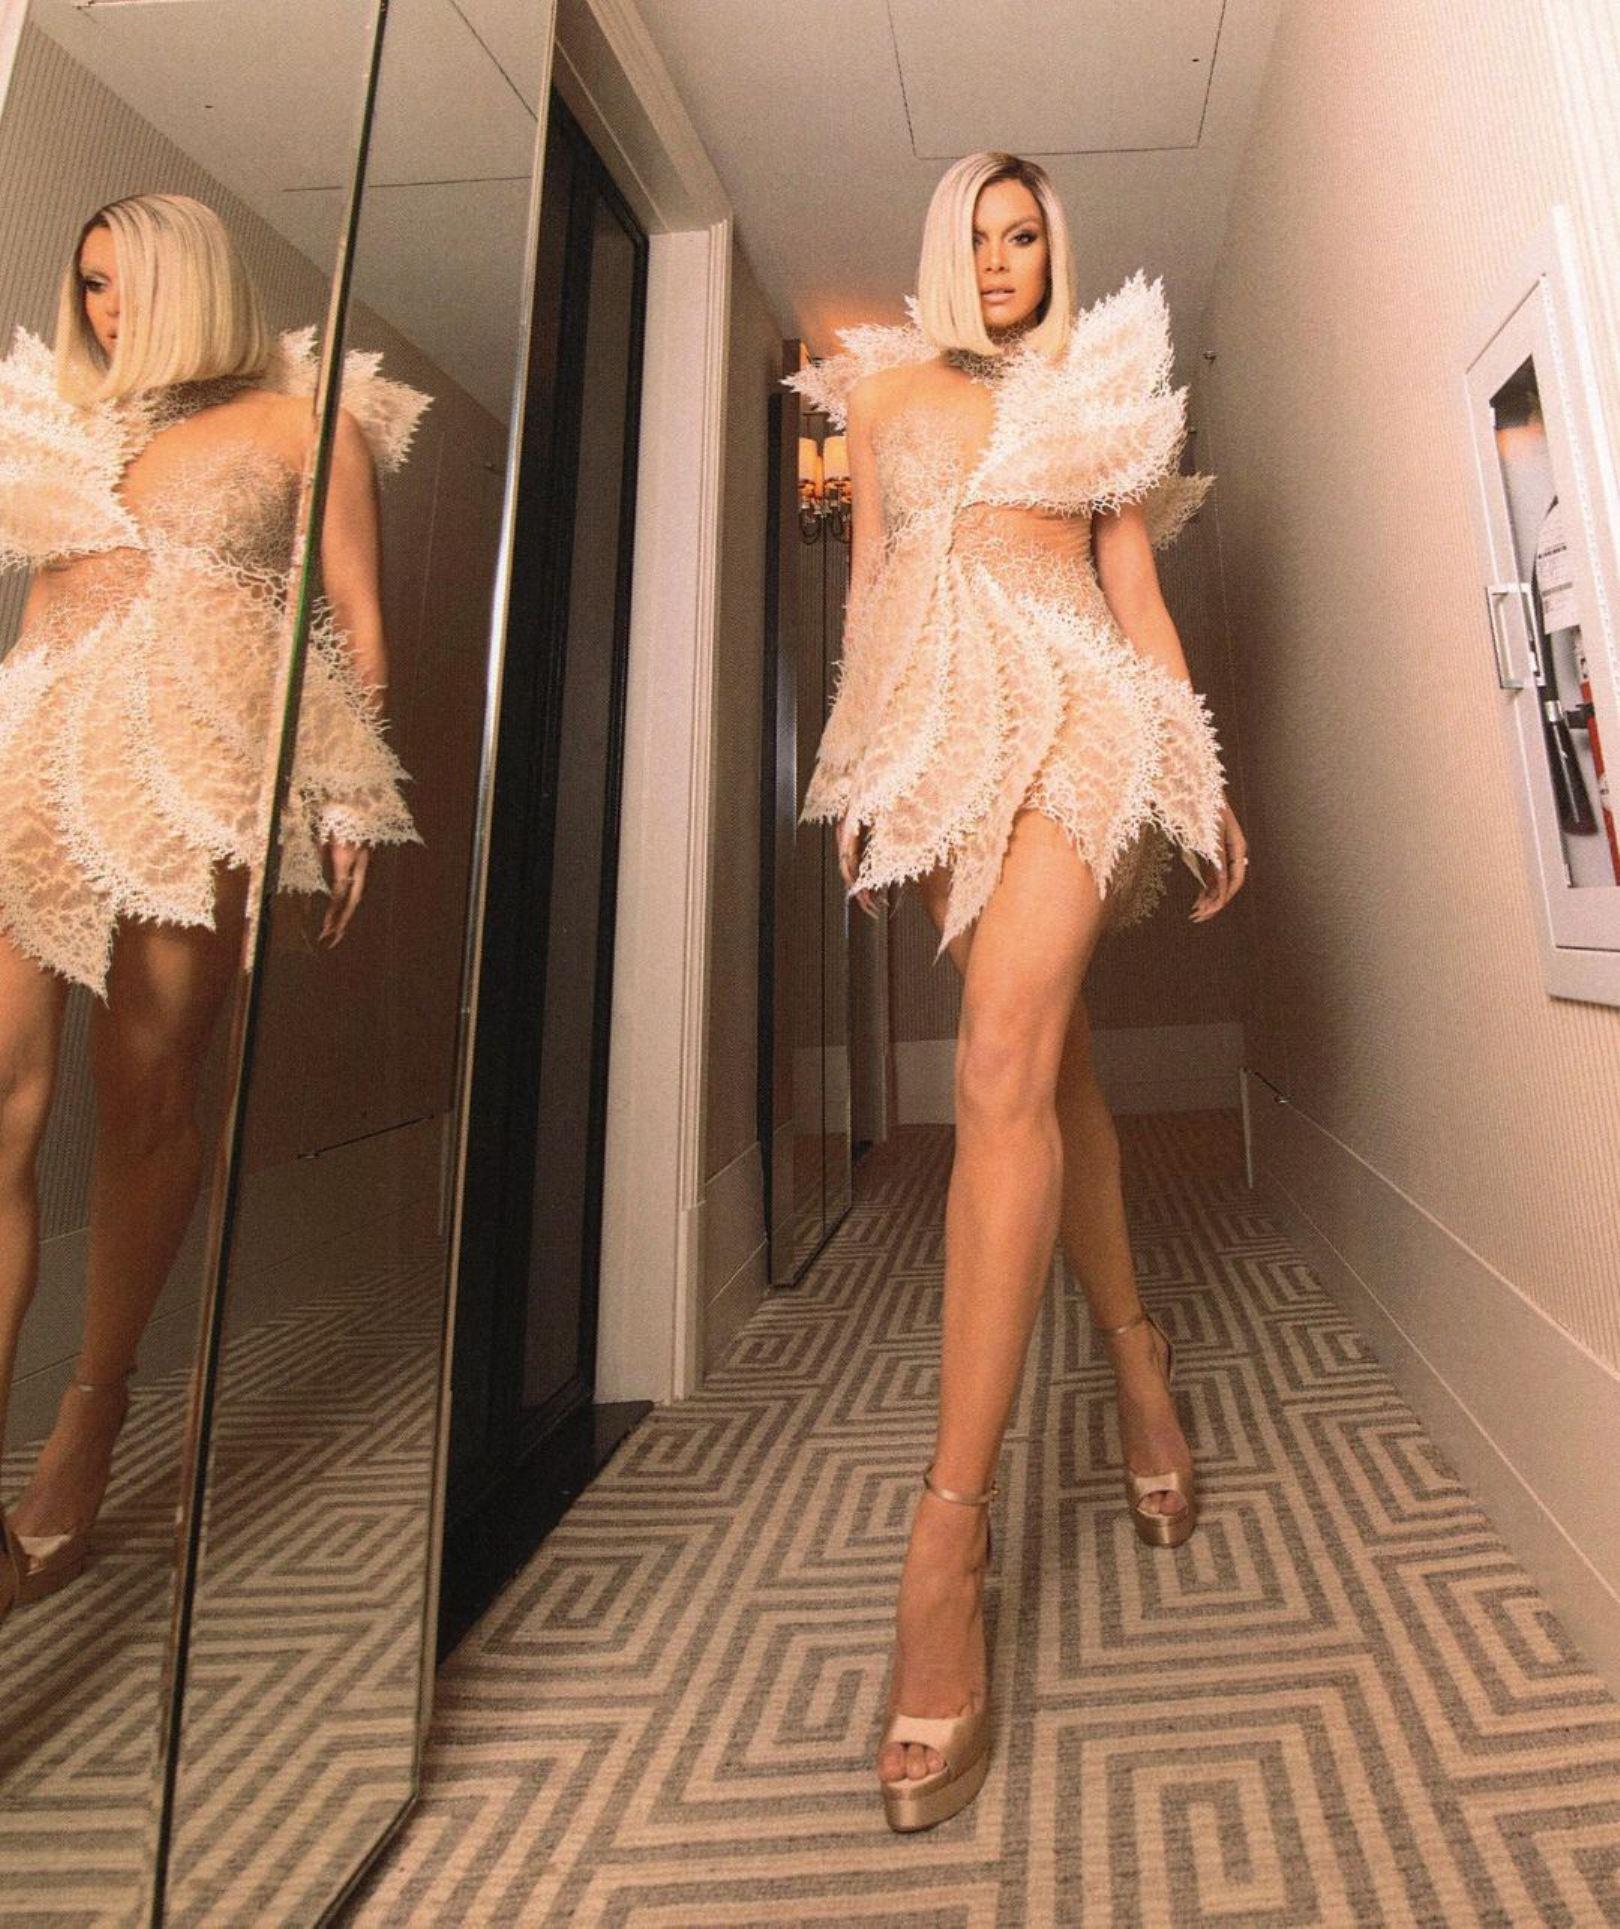 Hailee Steinfeld Rocks a New Look!.jpg